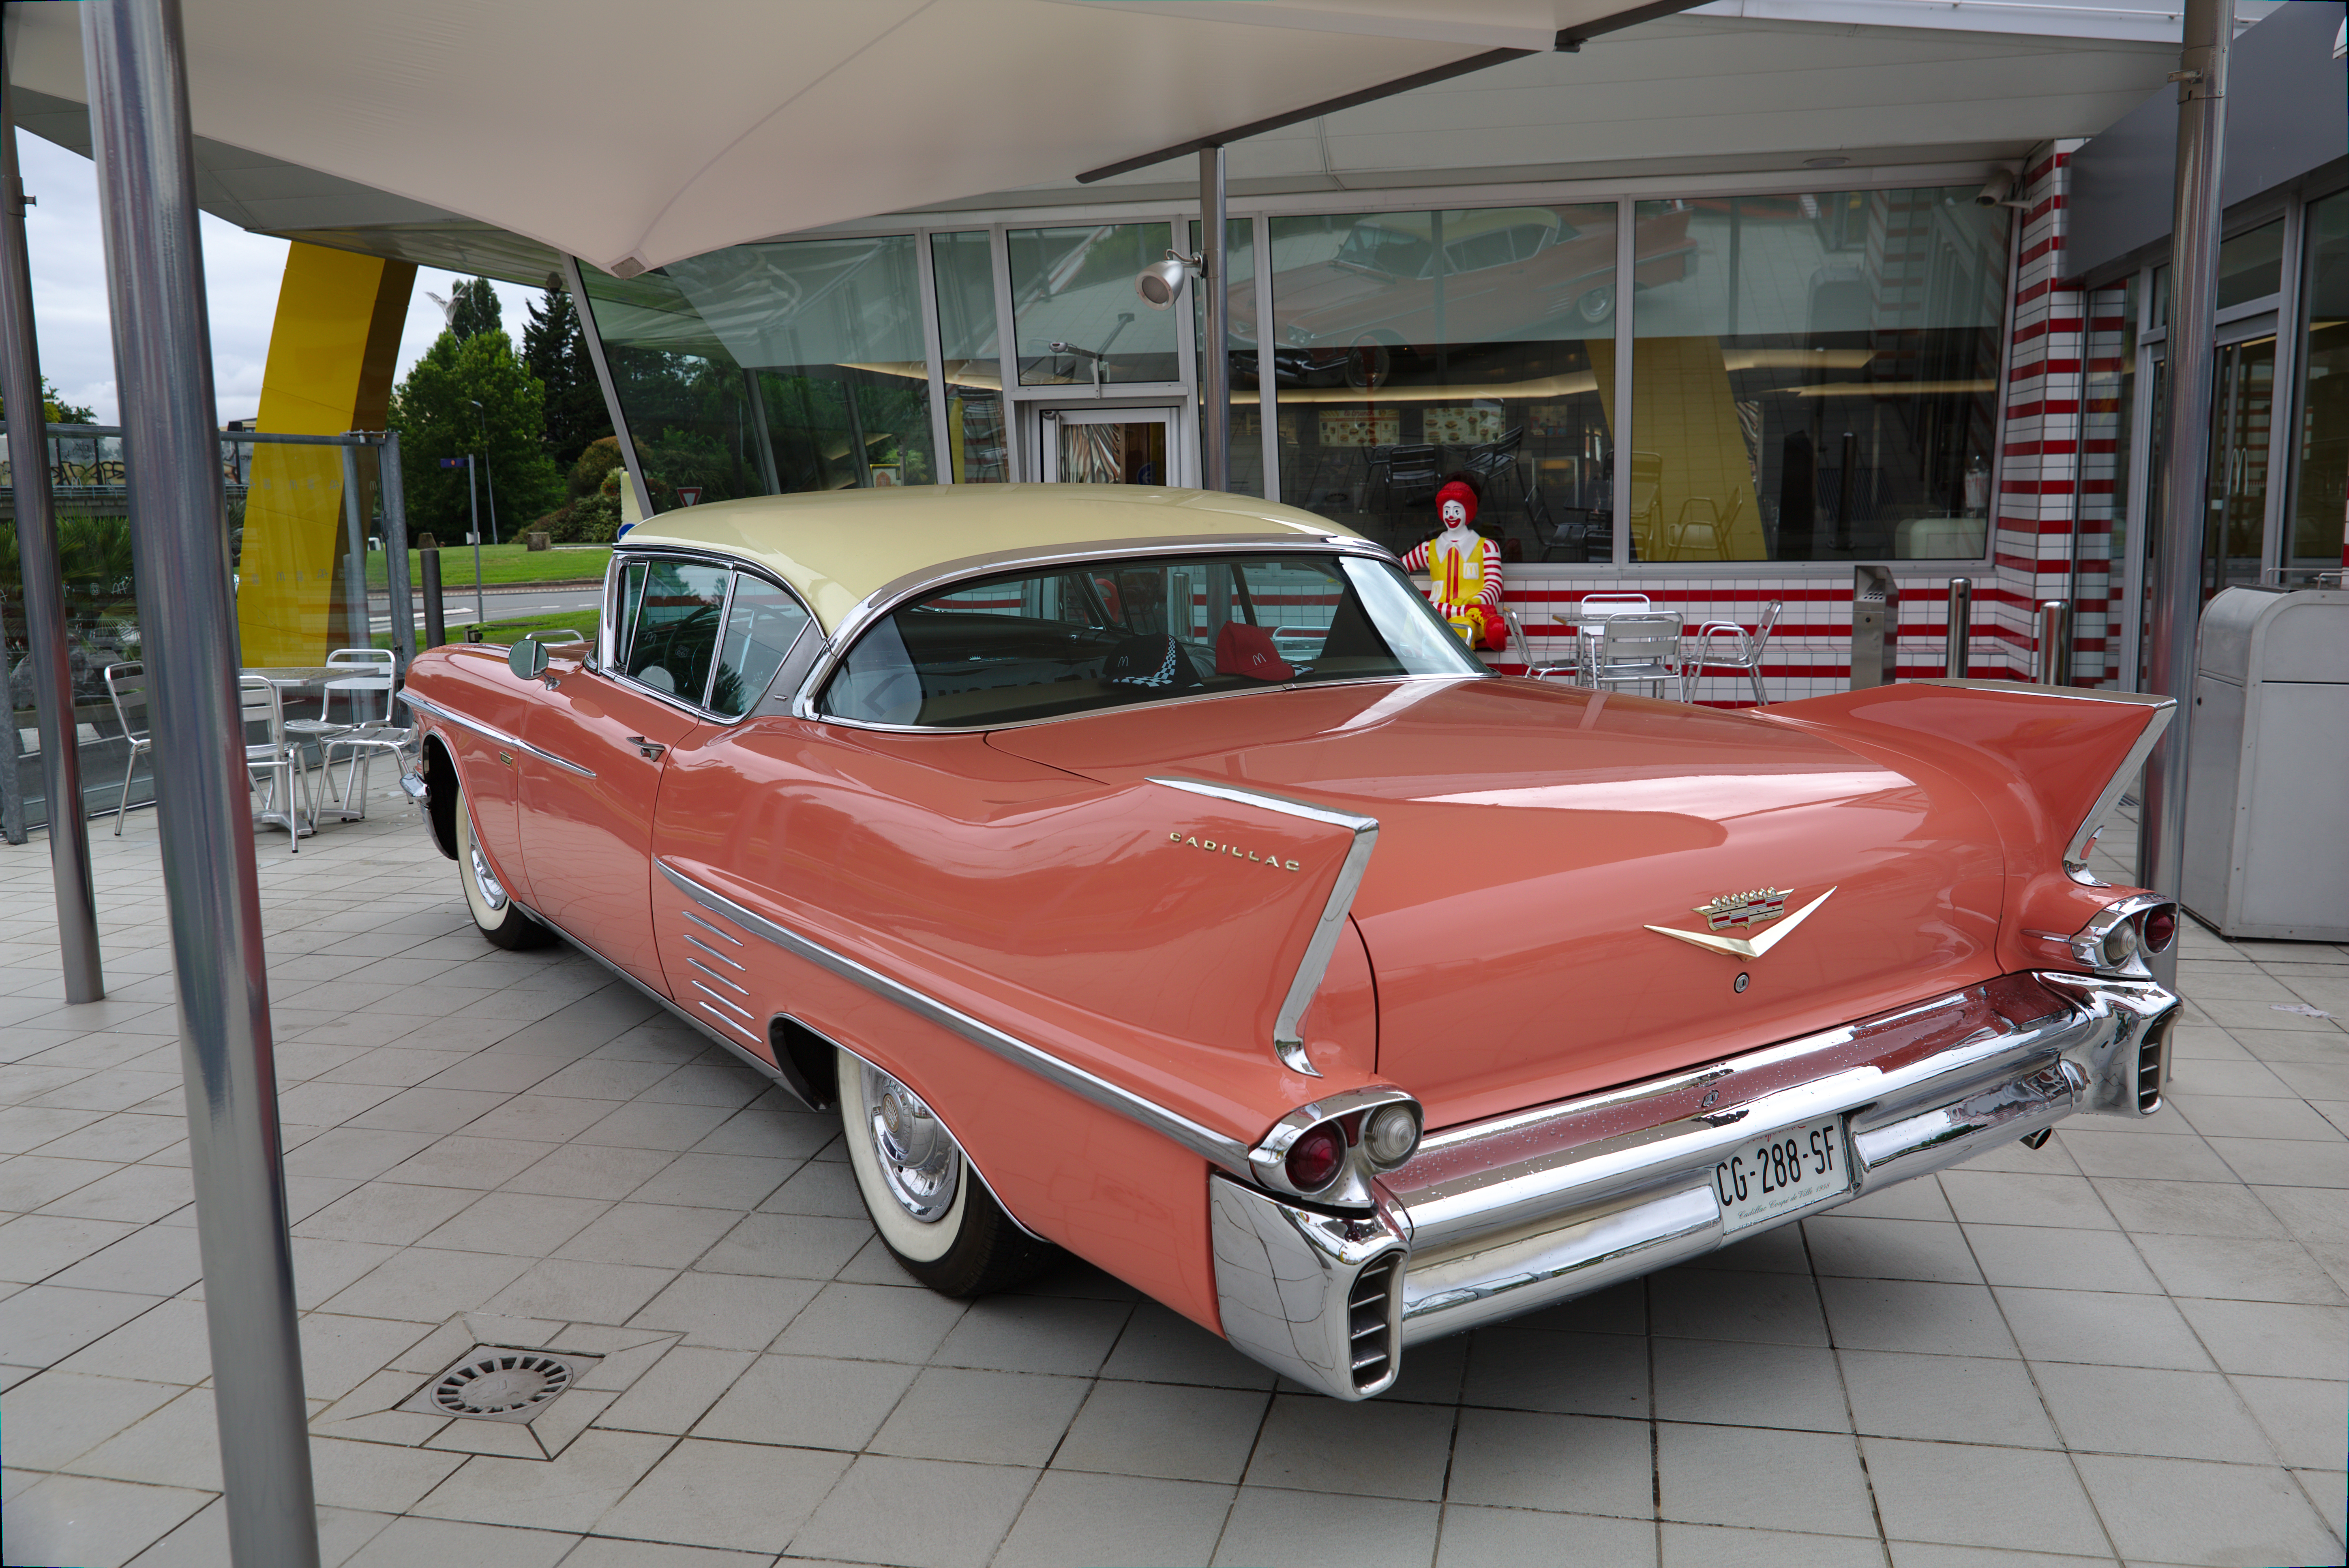 File:VdO-Cadillac-AR.jpg - Wikimedia Commons